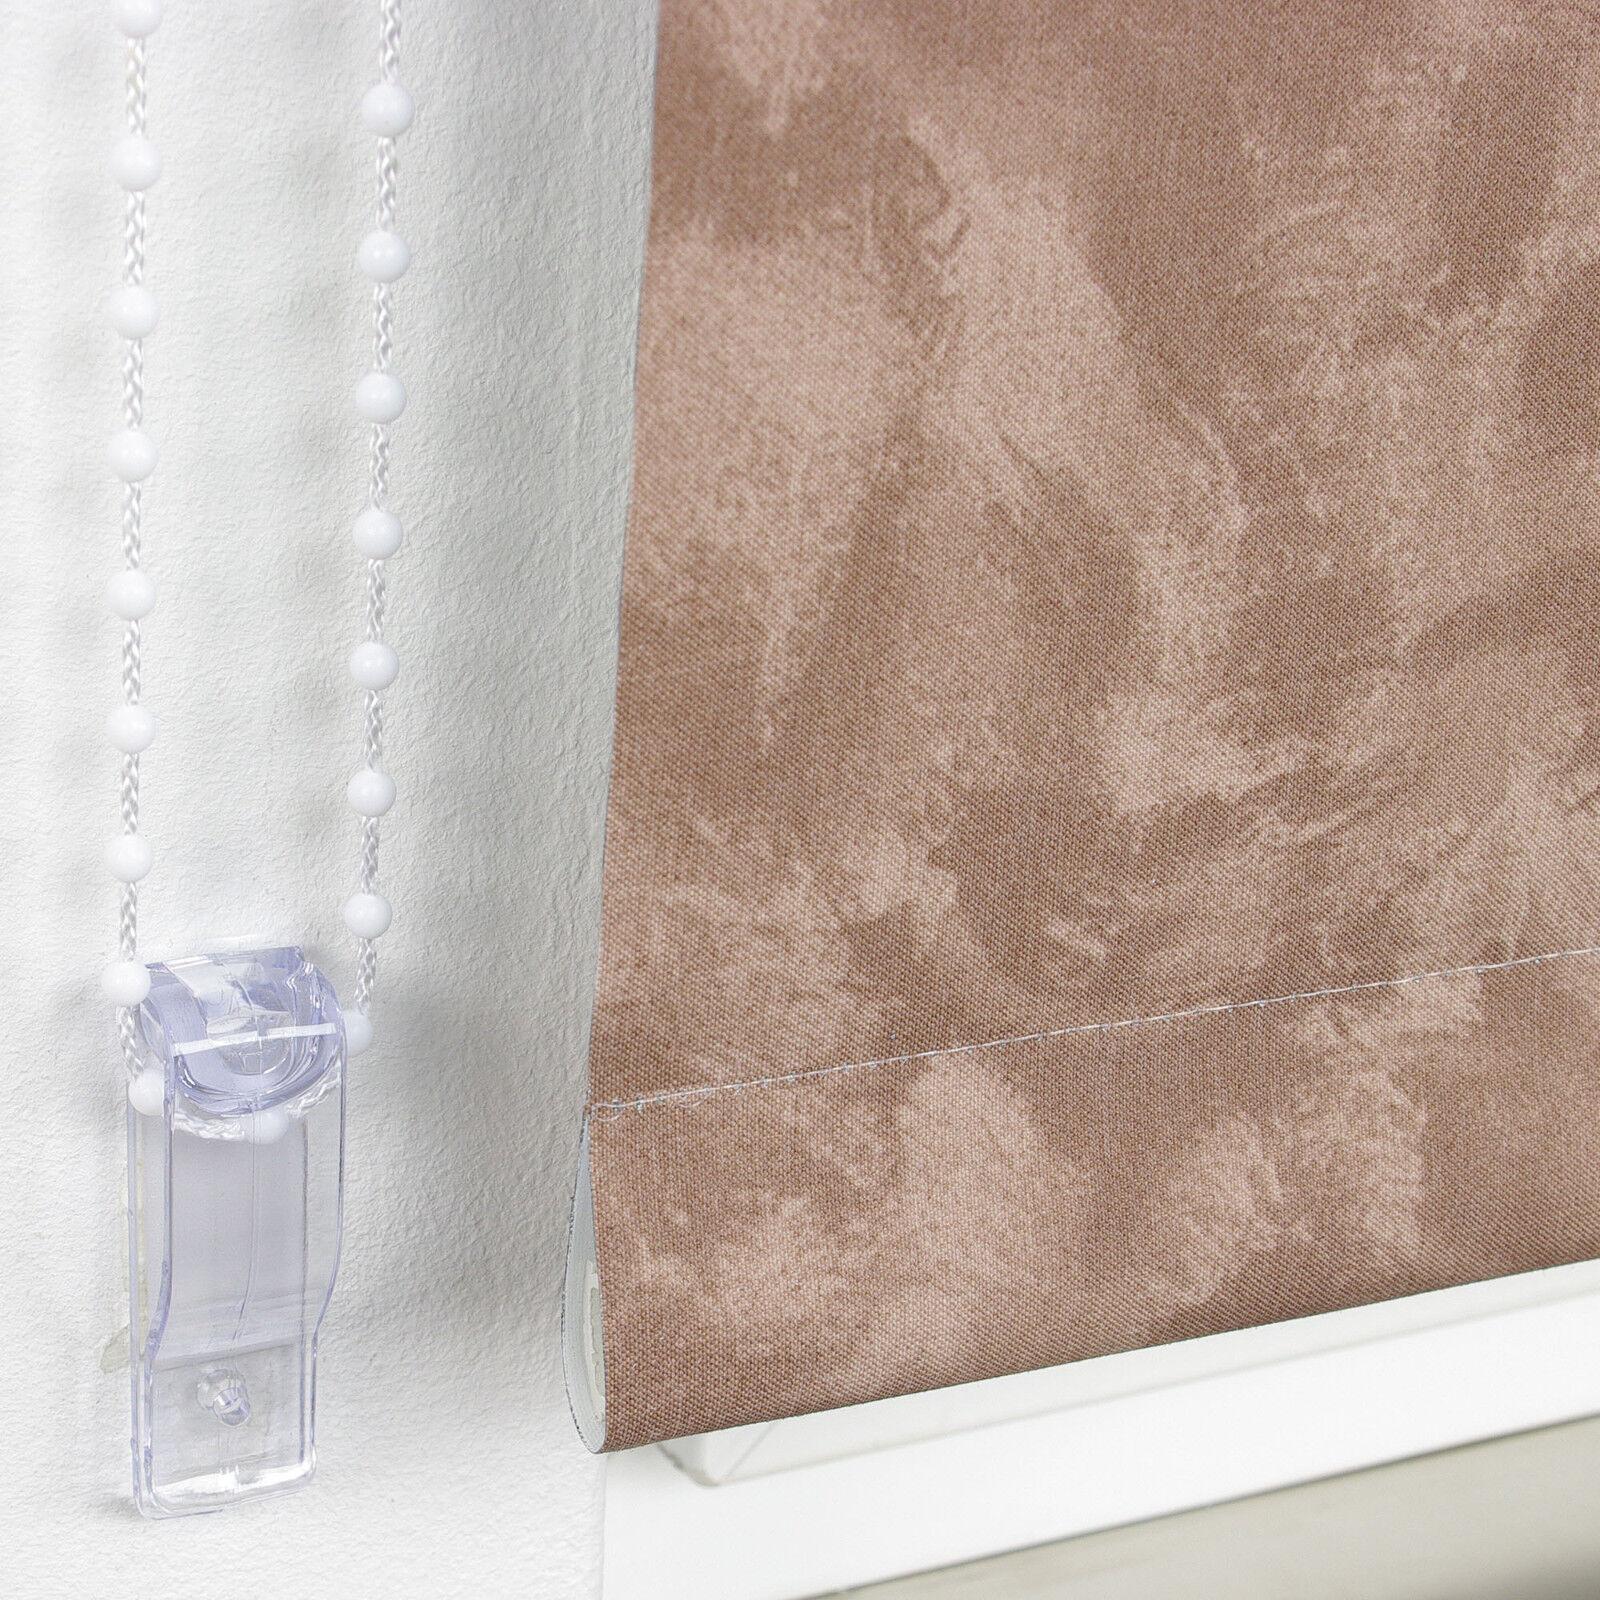 Verdunkelungsrollo Kettenzugrollo Seitenzug Fenster Rollo Rollo Rollo Braun Mocca 60-200 cm   Qualifizierte Herstellung  1c47ae